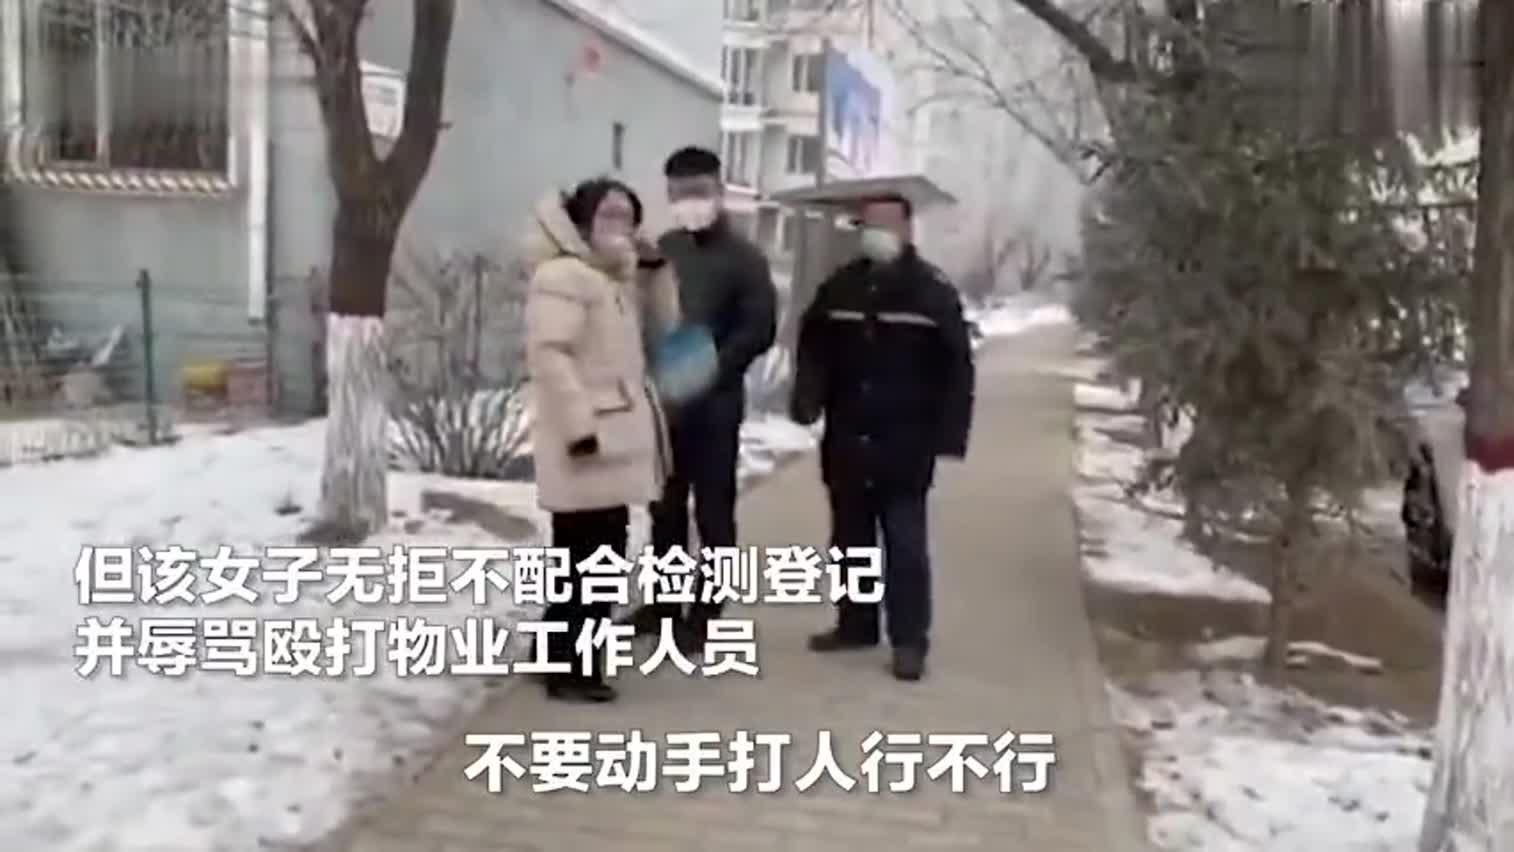 视频:女子拒绝防疫检测 嚣张掌掴工作人员